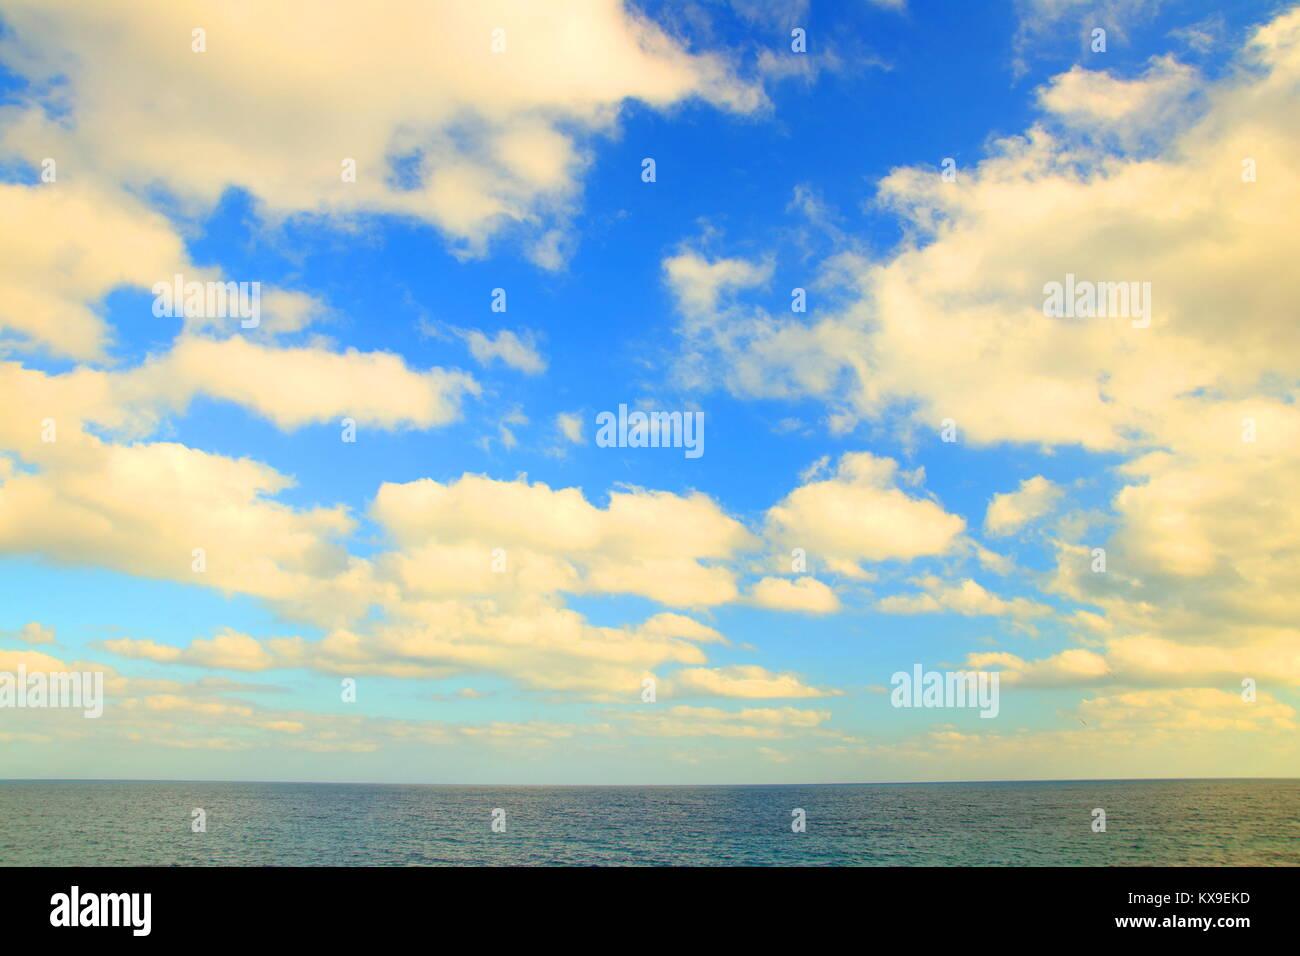 Ciel nuageux et horizon de mer Photo Stock